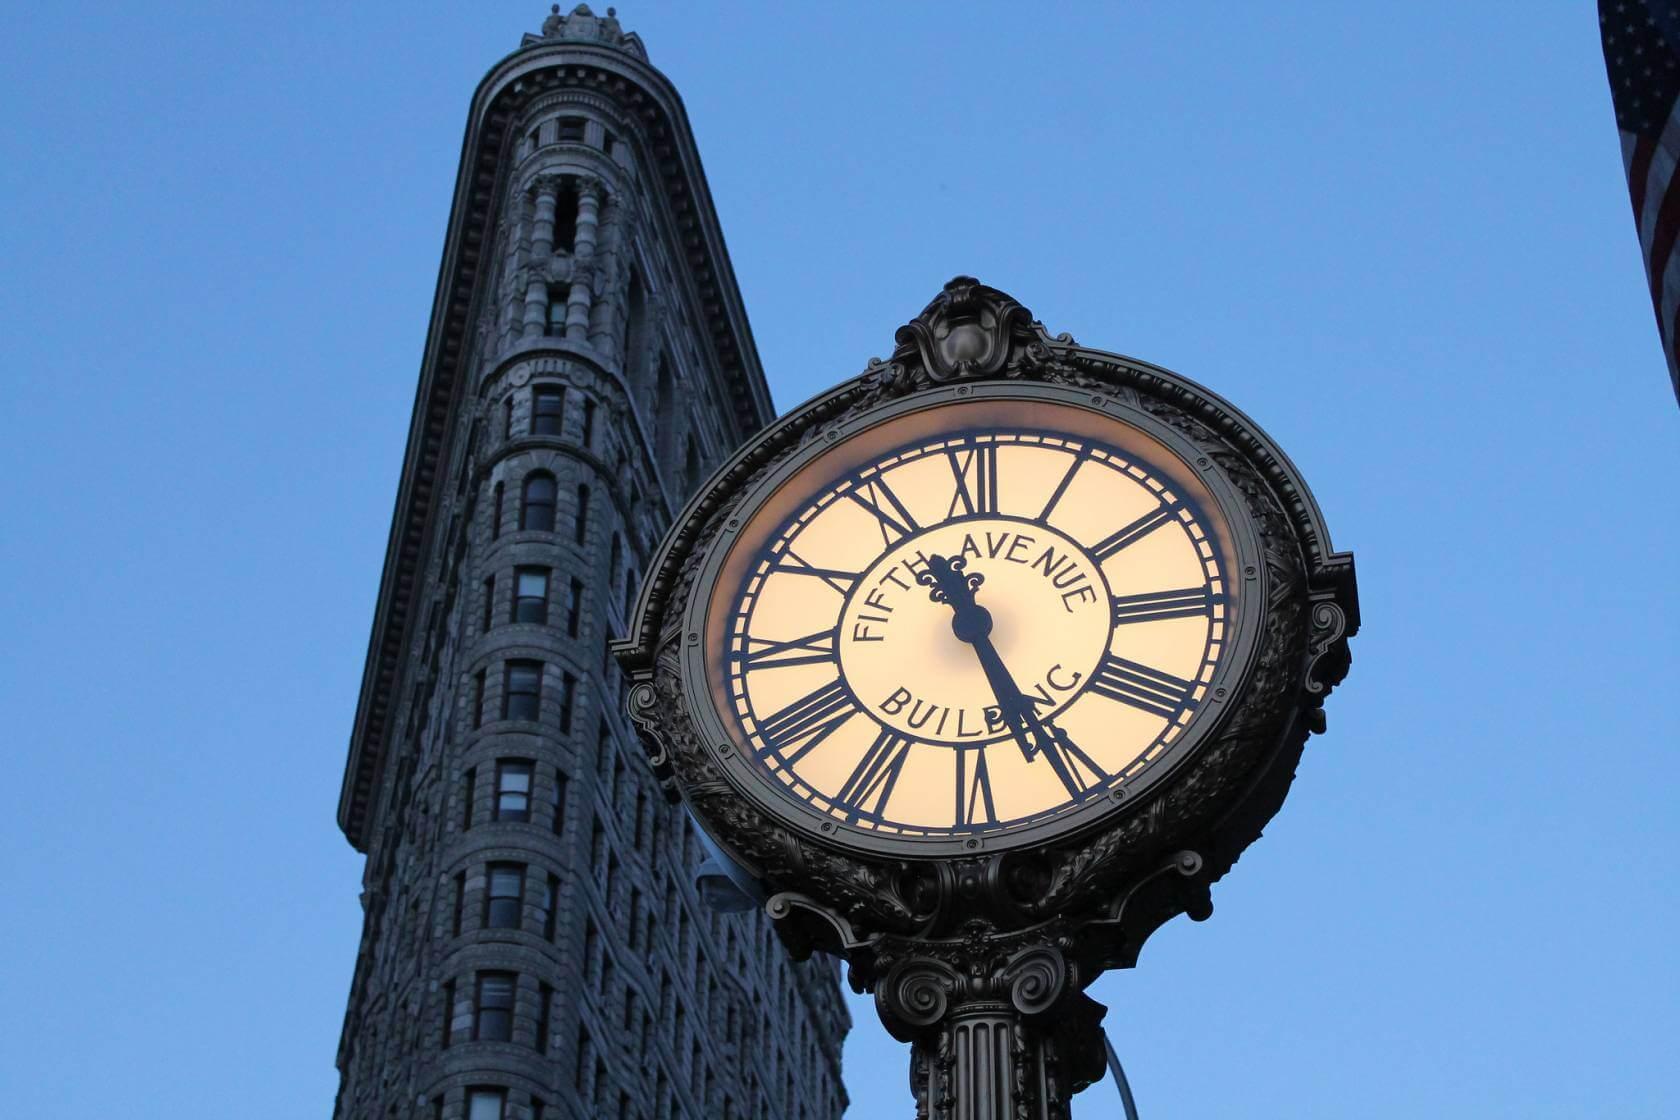 reloj de la quinta avenida en nueva york